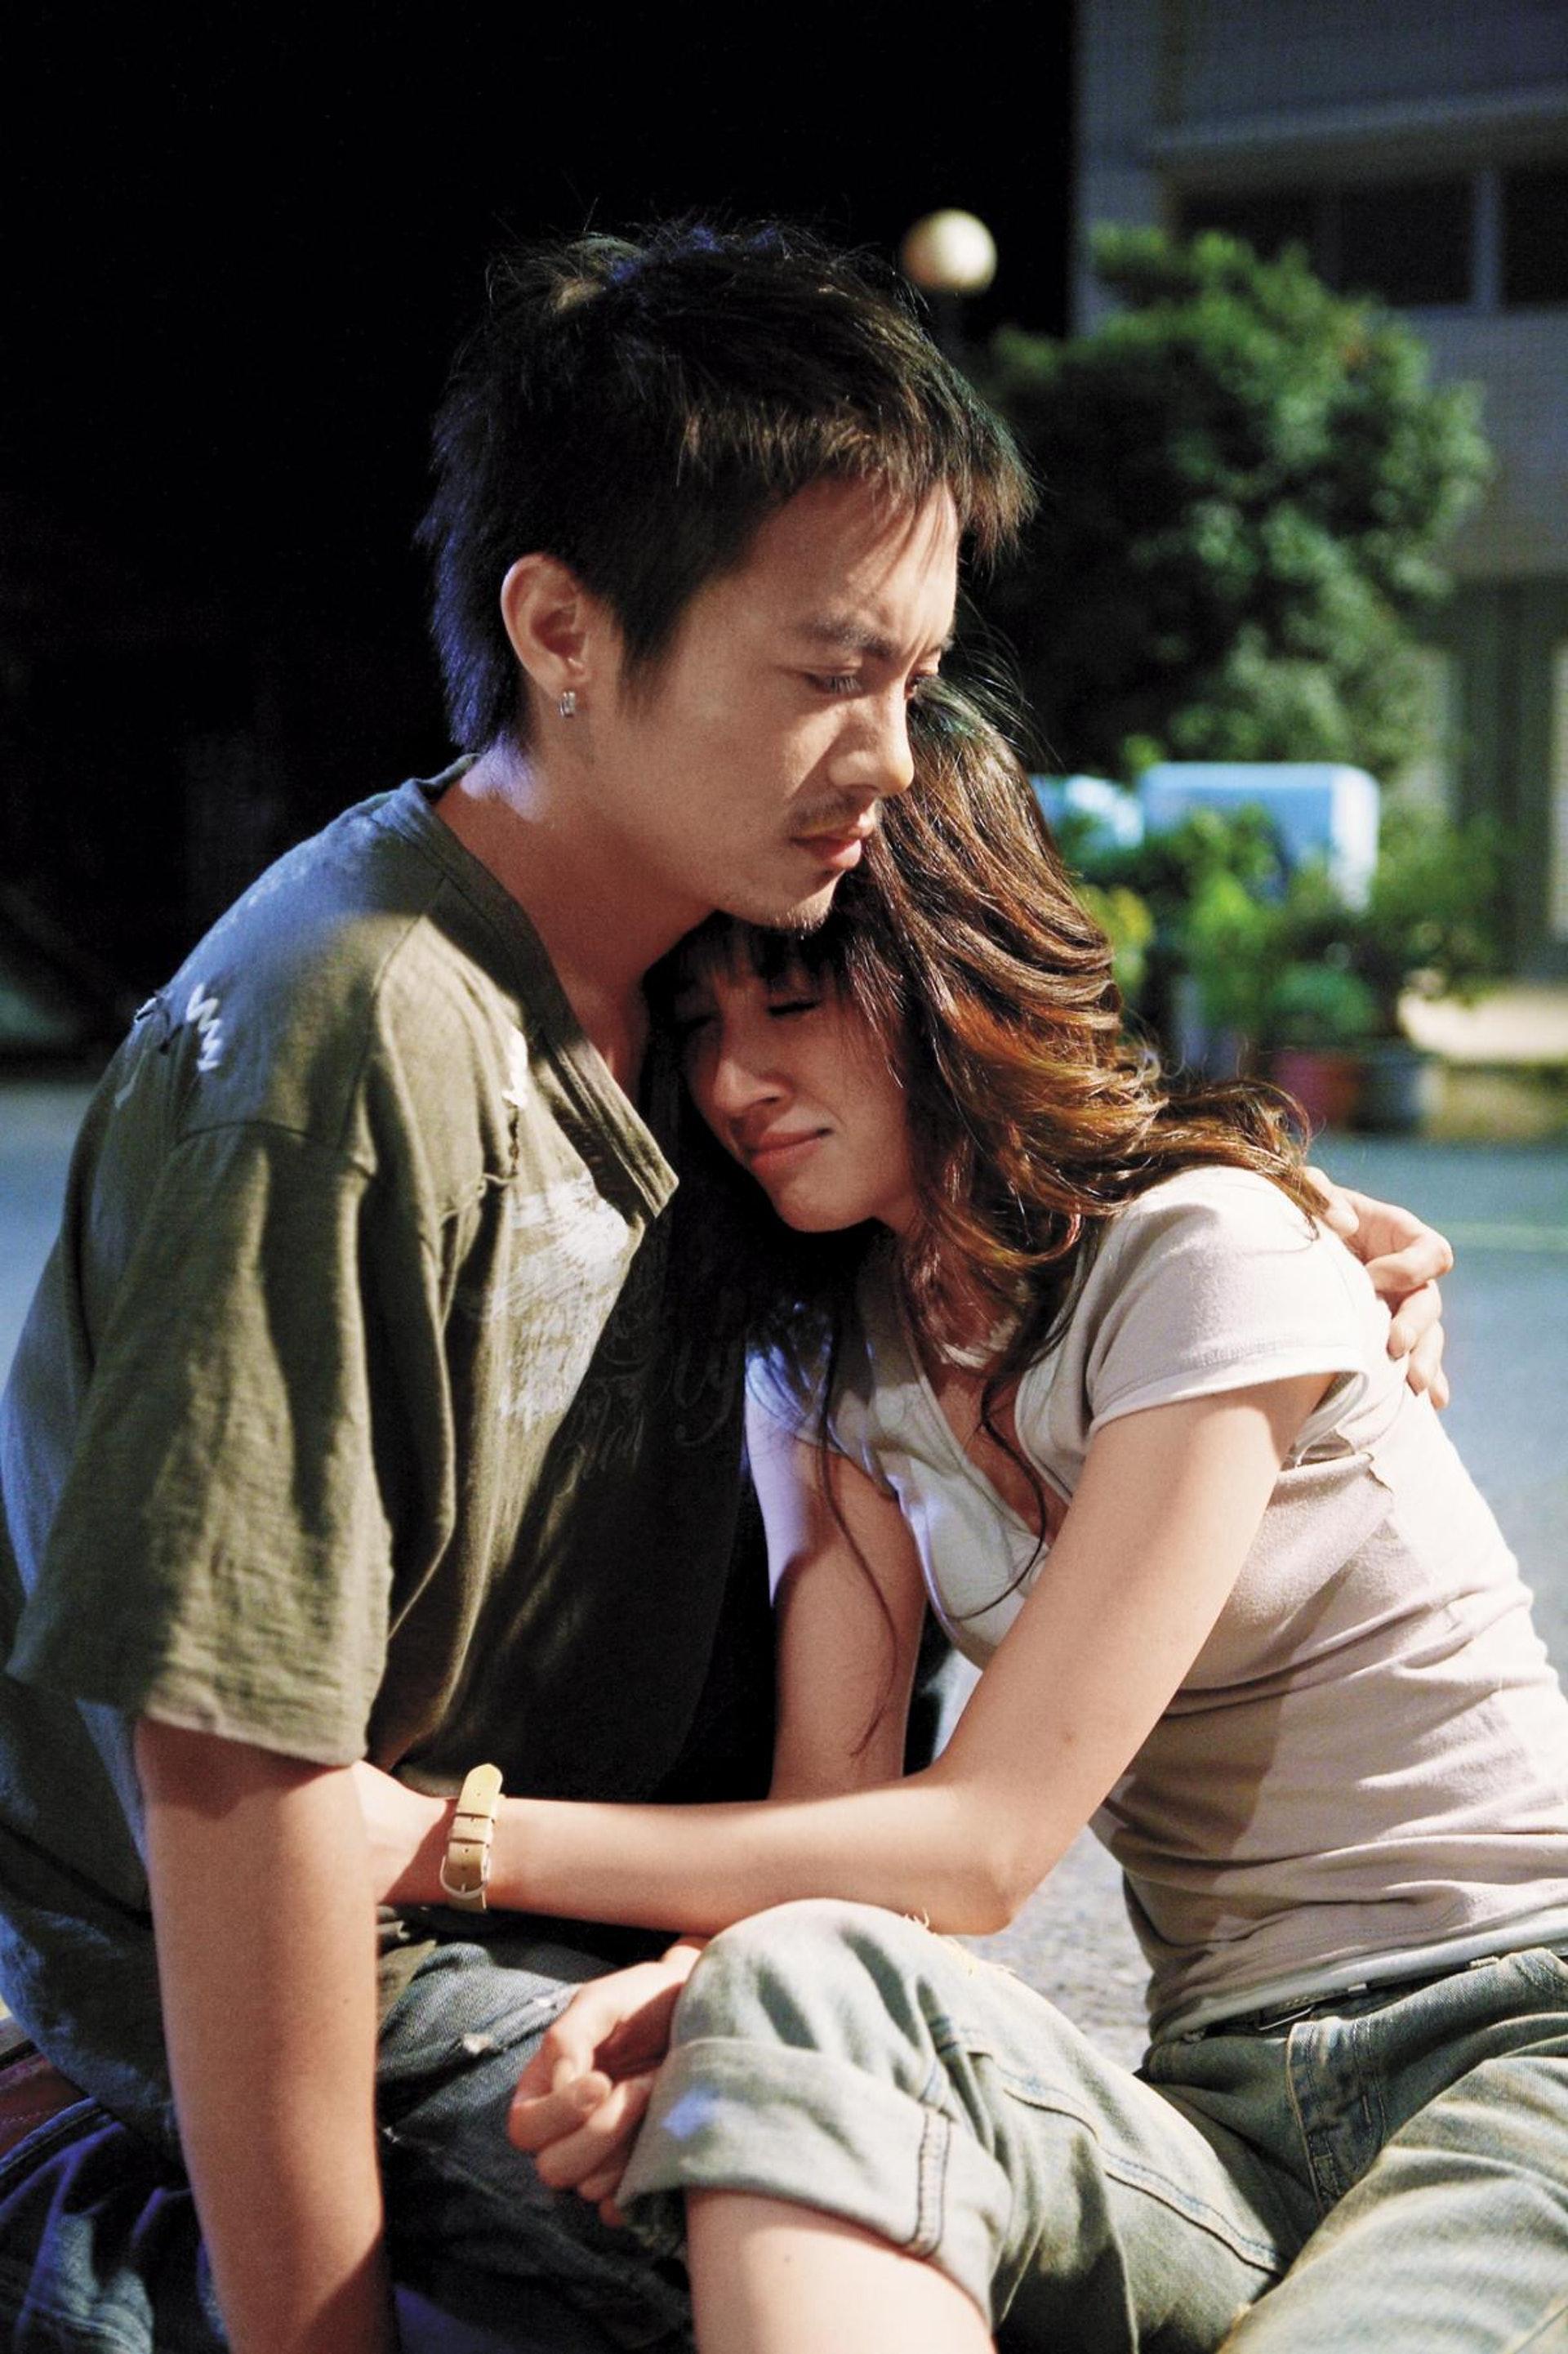 今日(30日)田中千繪跟范逸臣被拍到在大街十指緊扣。(電影劇照)